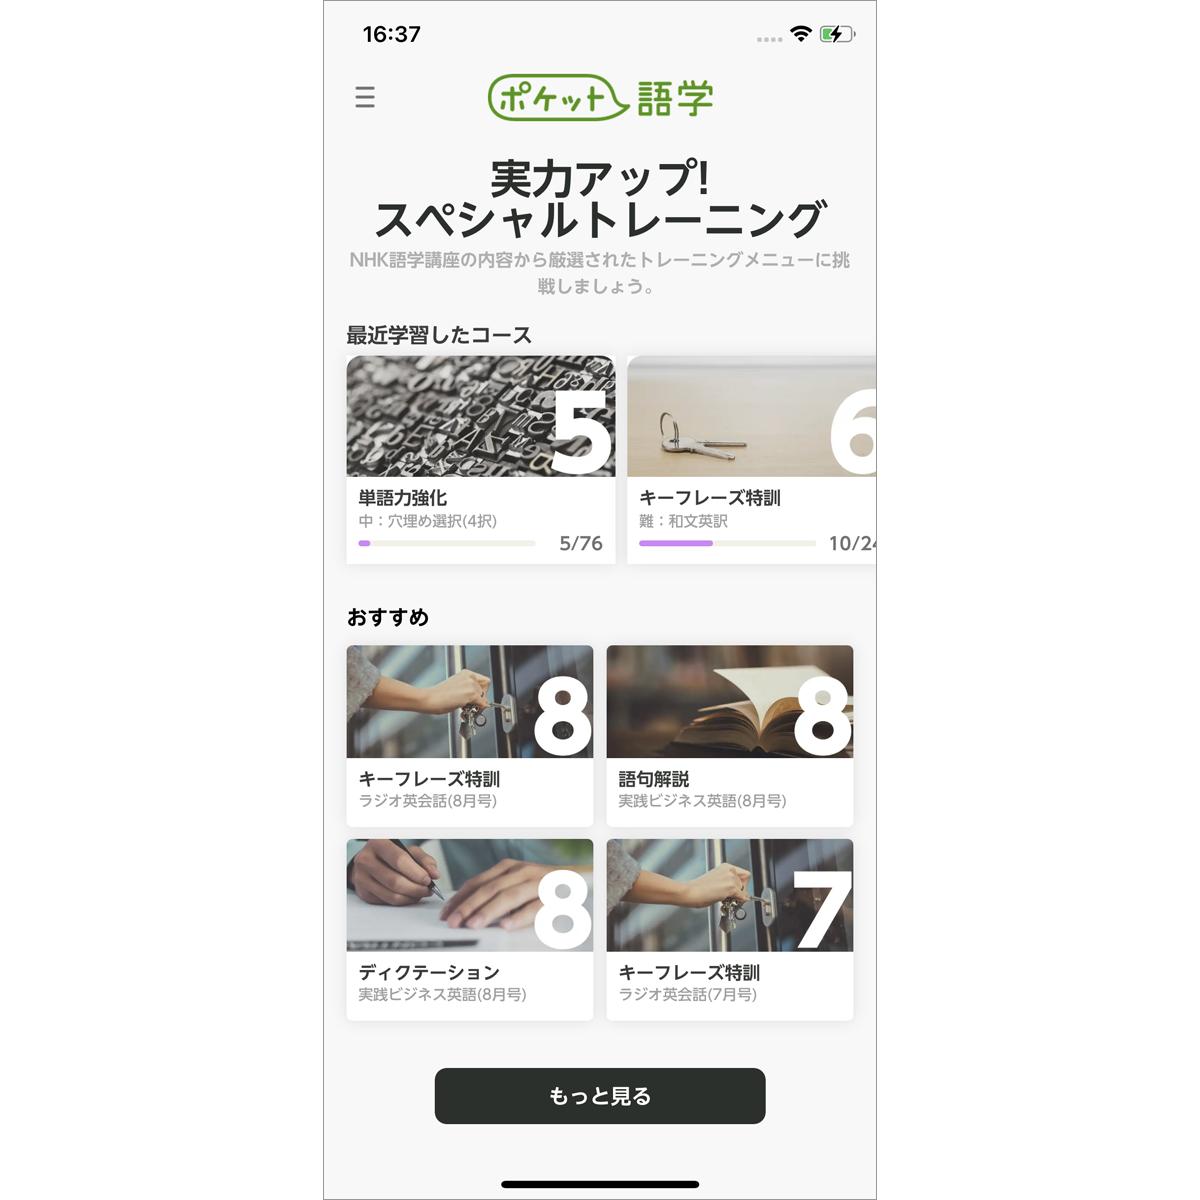 語学 アプリ nhk